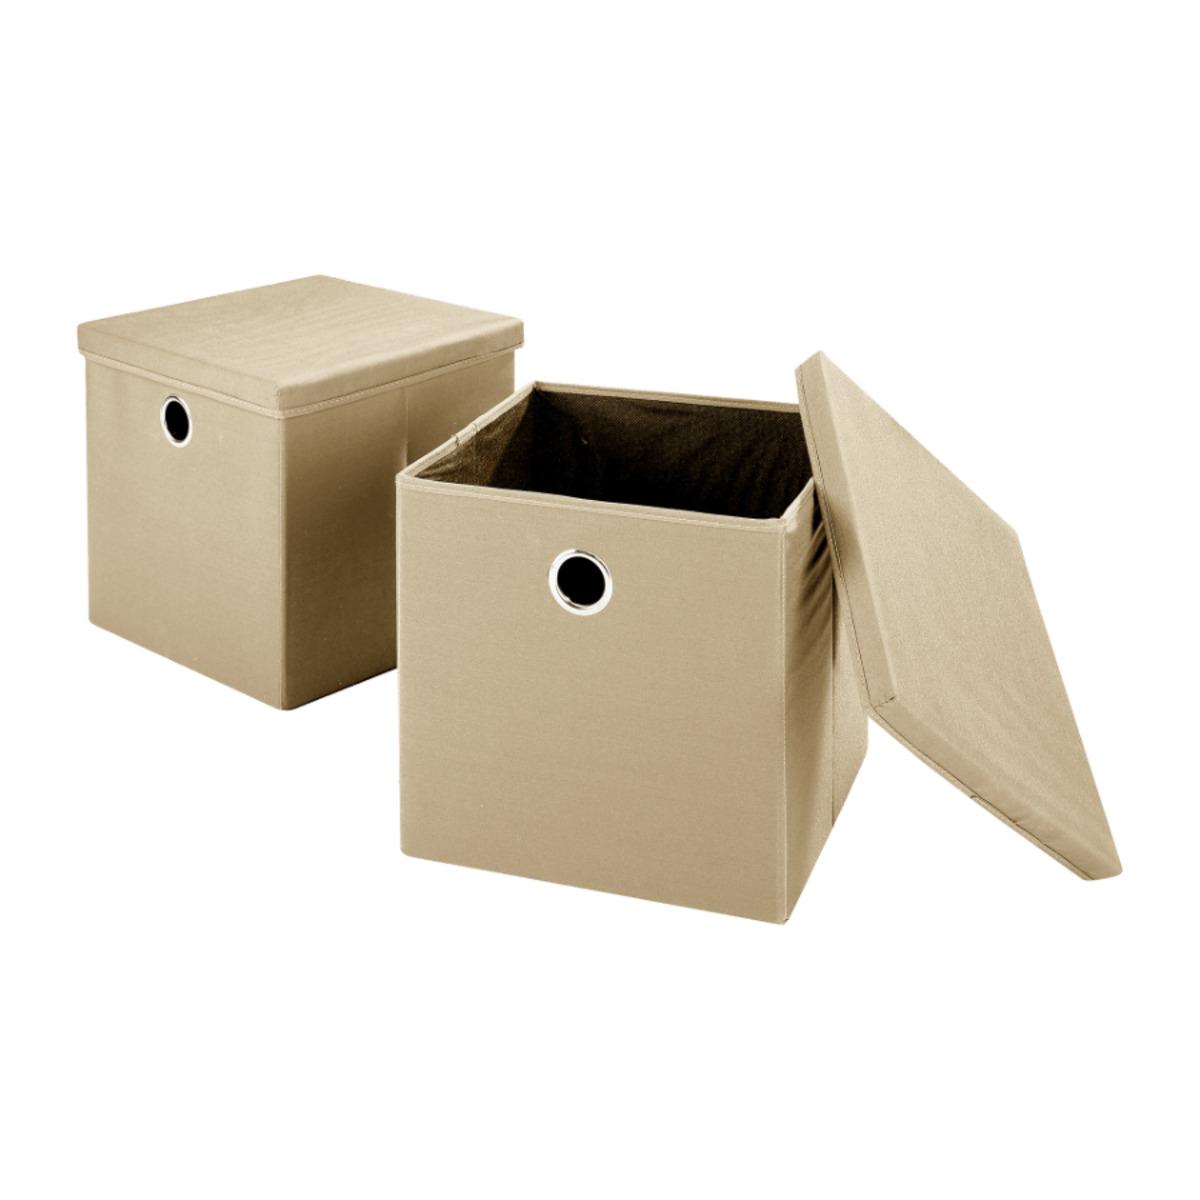 Bild 3 von HOME CREATION     Aufbewahrungsboxen